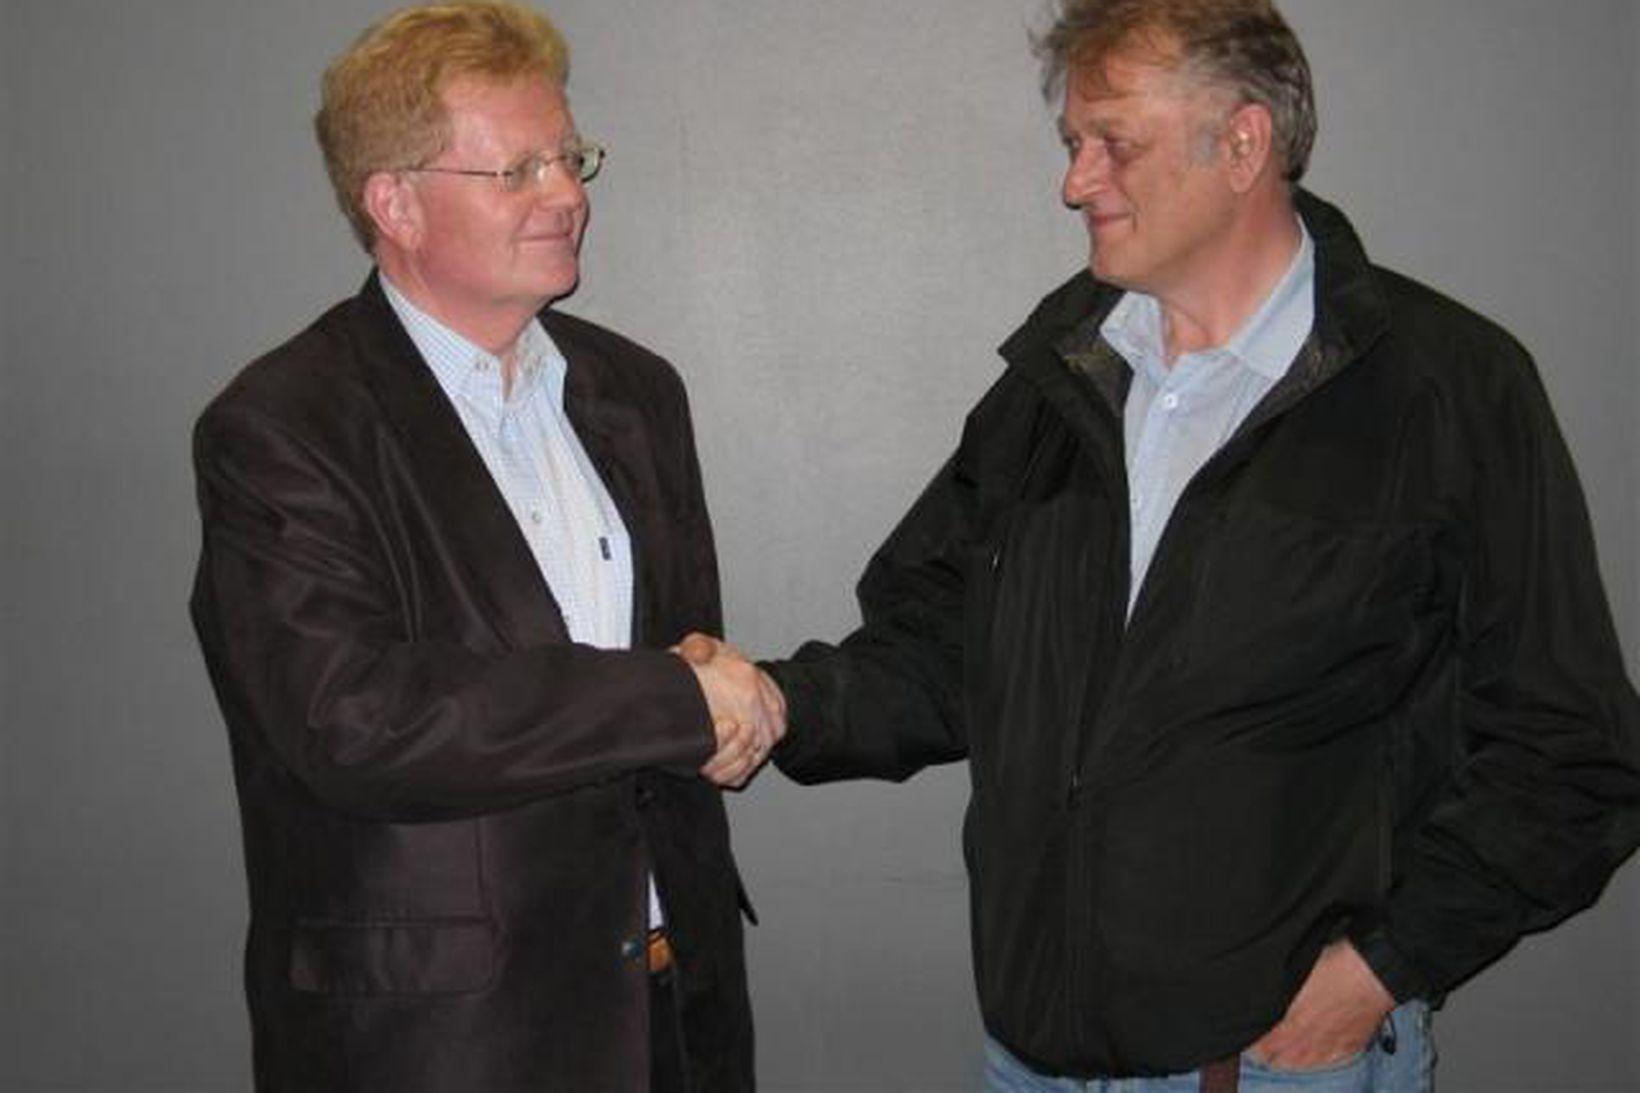 Skúli Eggert Þórðarson, ríkisskattstjóri og Jón Jósef Bjarnason, handsala sættir …